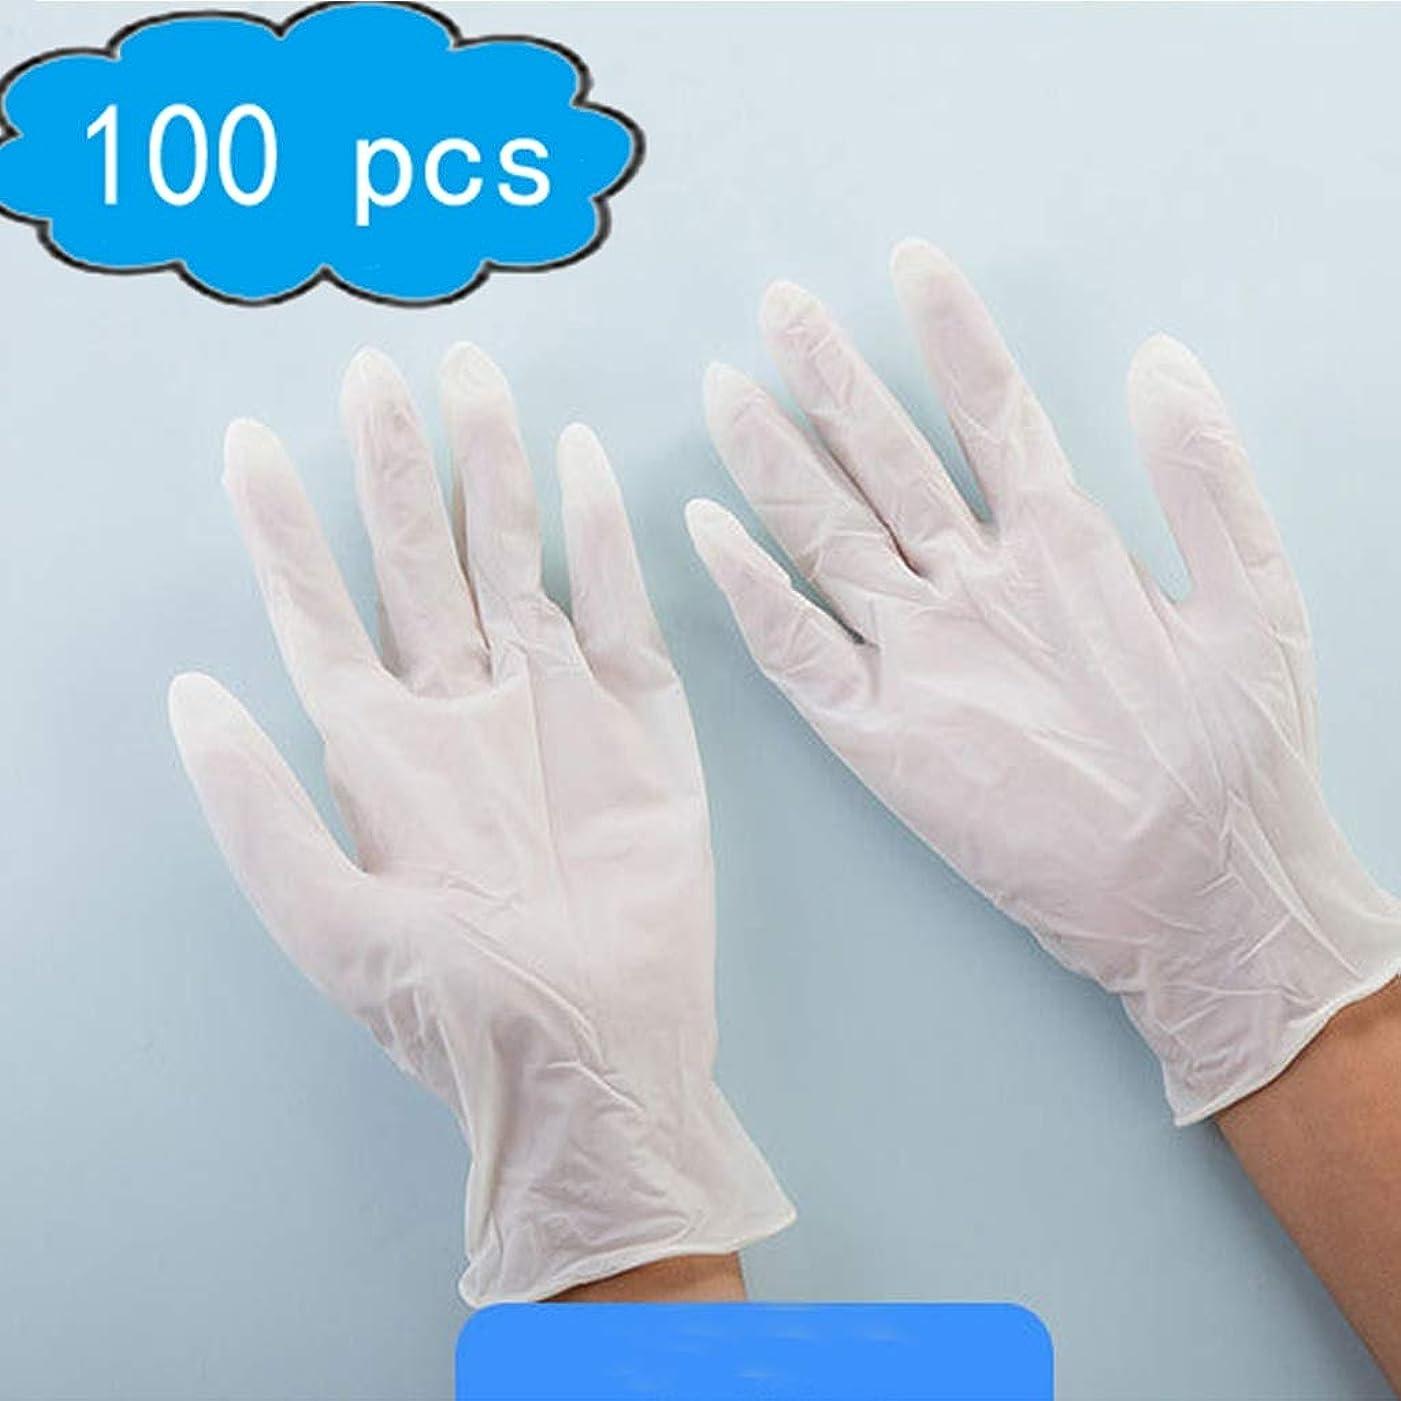 恥ずかしい彼は民主主義使い捨て手袋、厚手版、白い粉のない使い捨てニトリル手袋[100パック] - 大、サニタリー手袋、応急処置用品 (Color : White, Size : S)